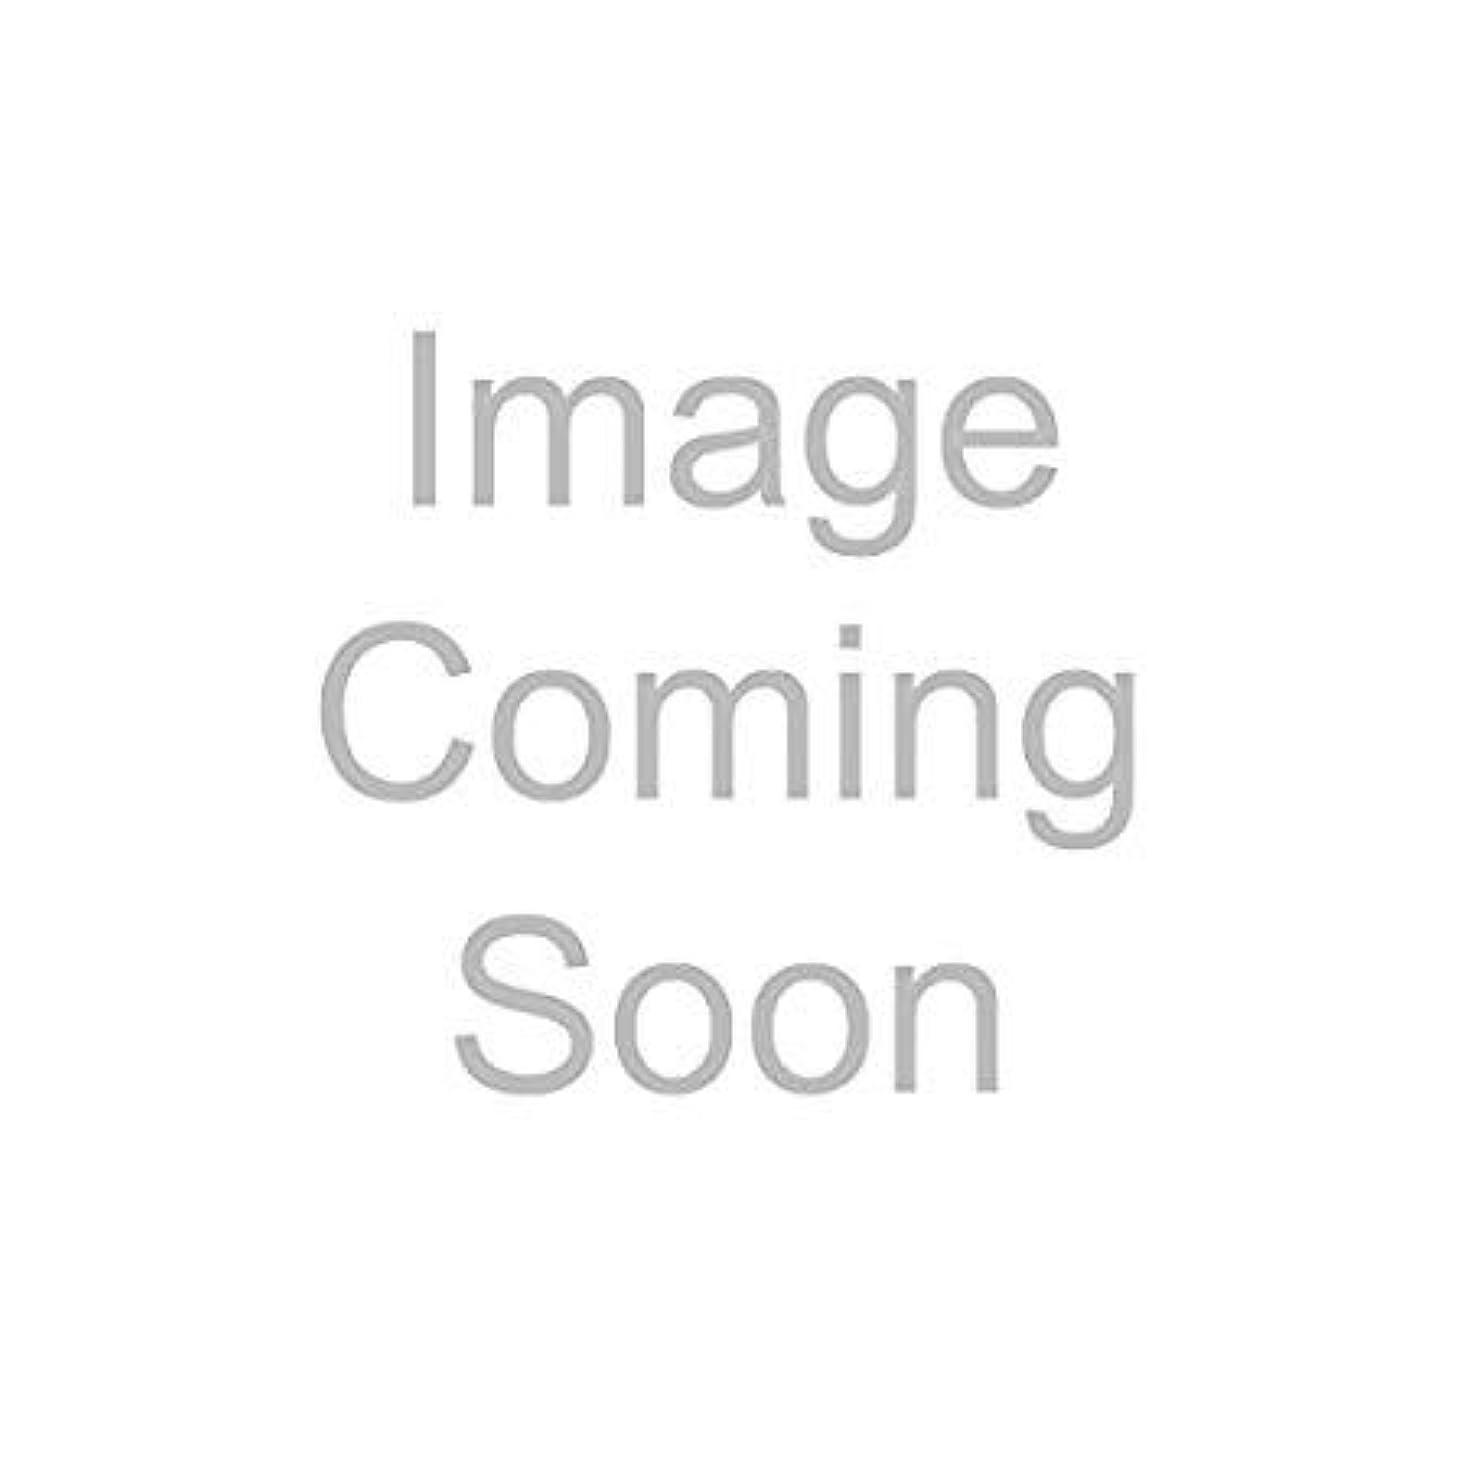 枯渇ビルゴネリルエスティローダー デイウェアアドバンスドマルチプロテクションアンチオキシダントクリームSPF15(ドライスキン用) 50ml/1.7oz